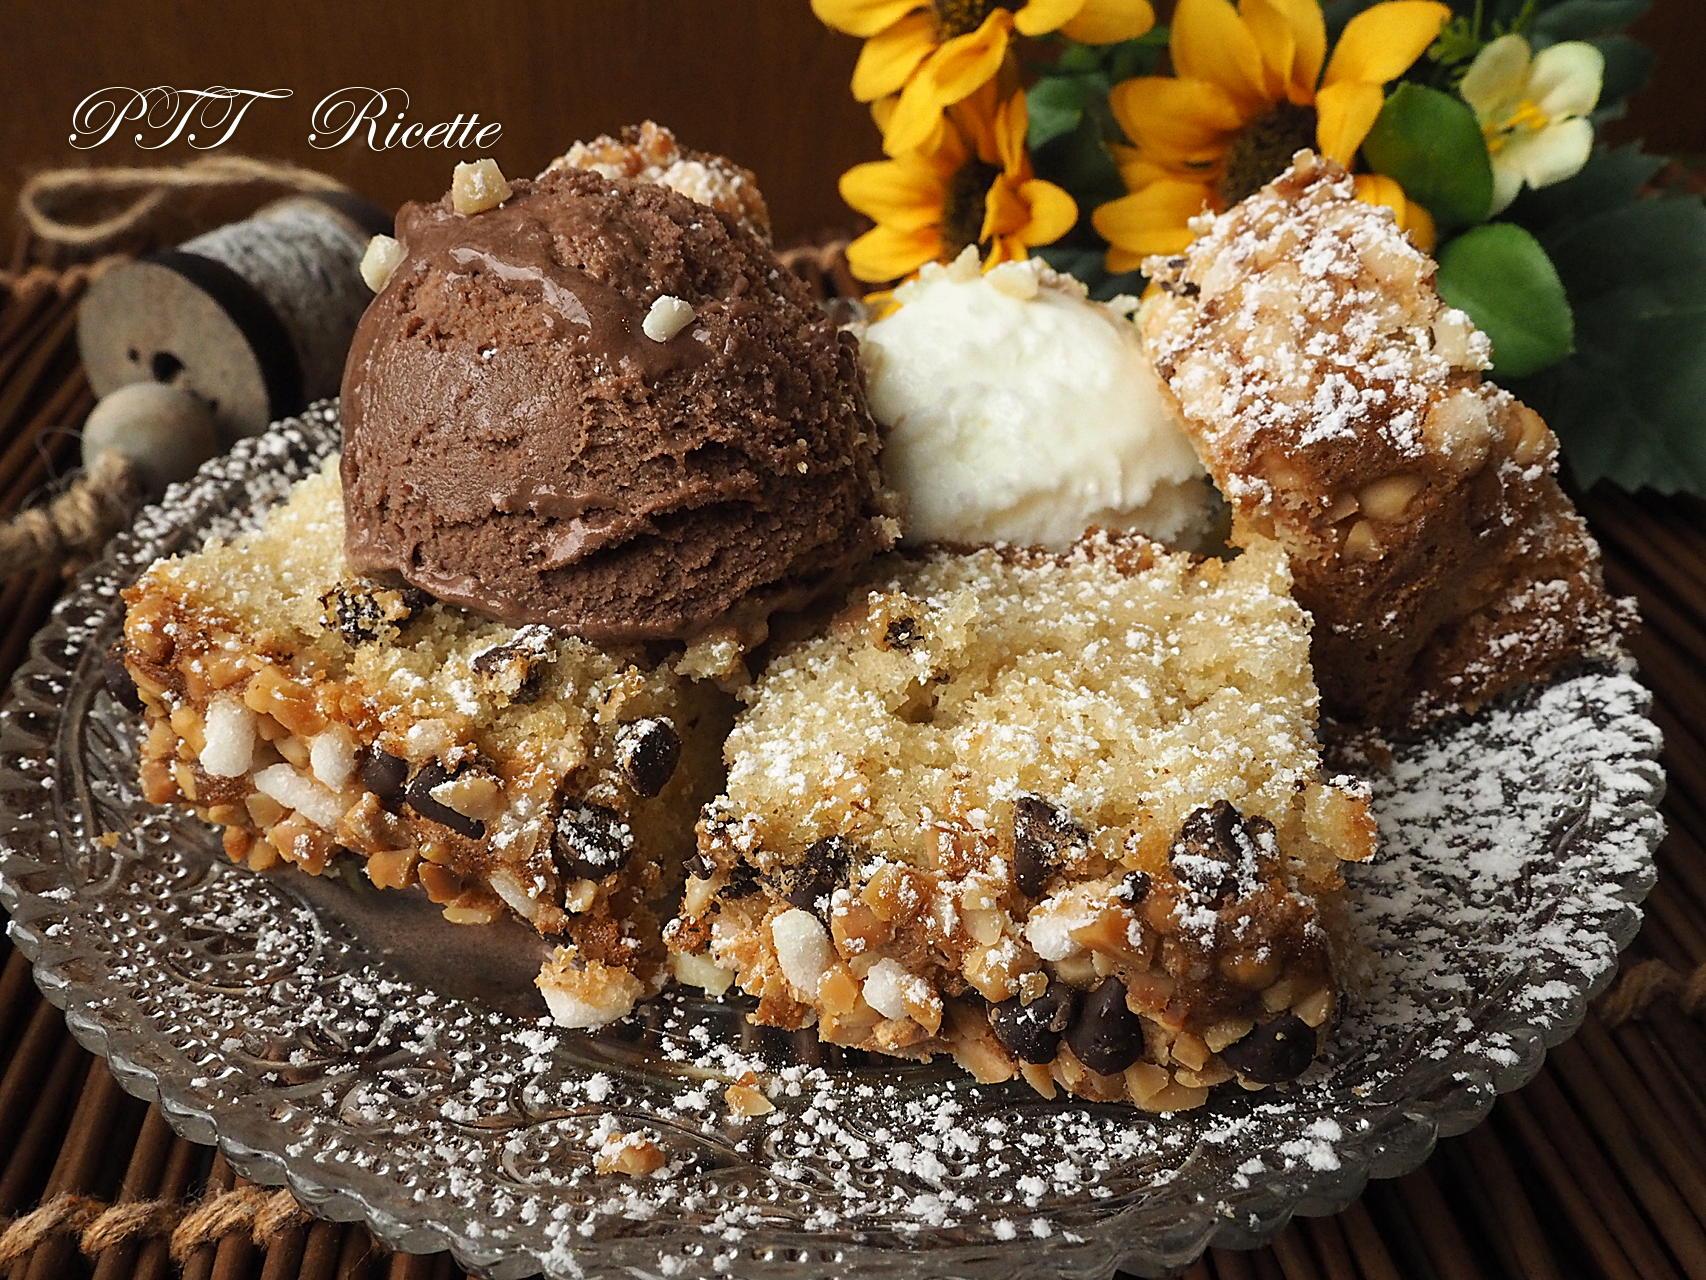 Torta alle mandorle con gelato ptt ricette for Ricette di torte gelato